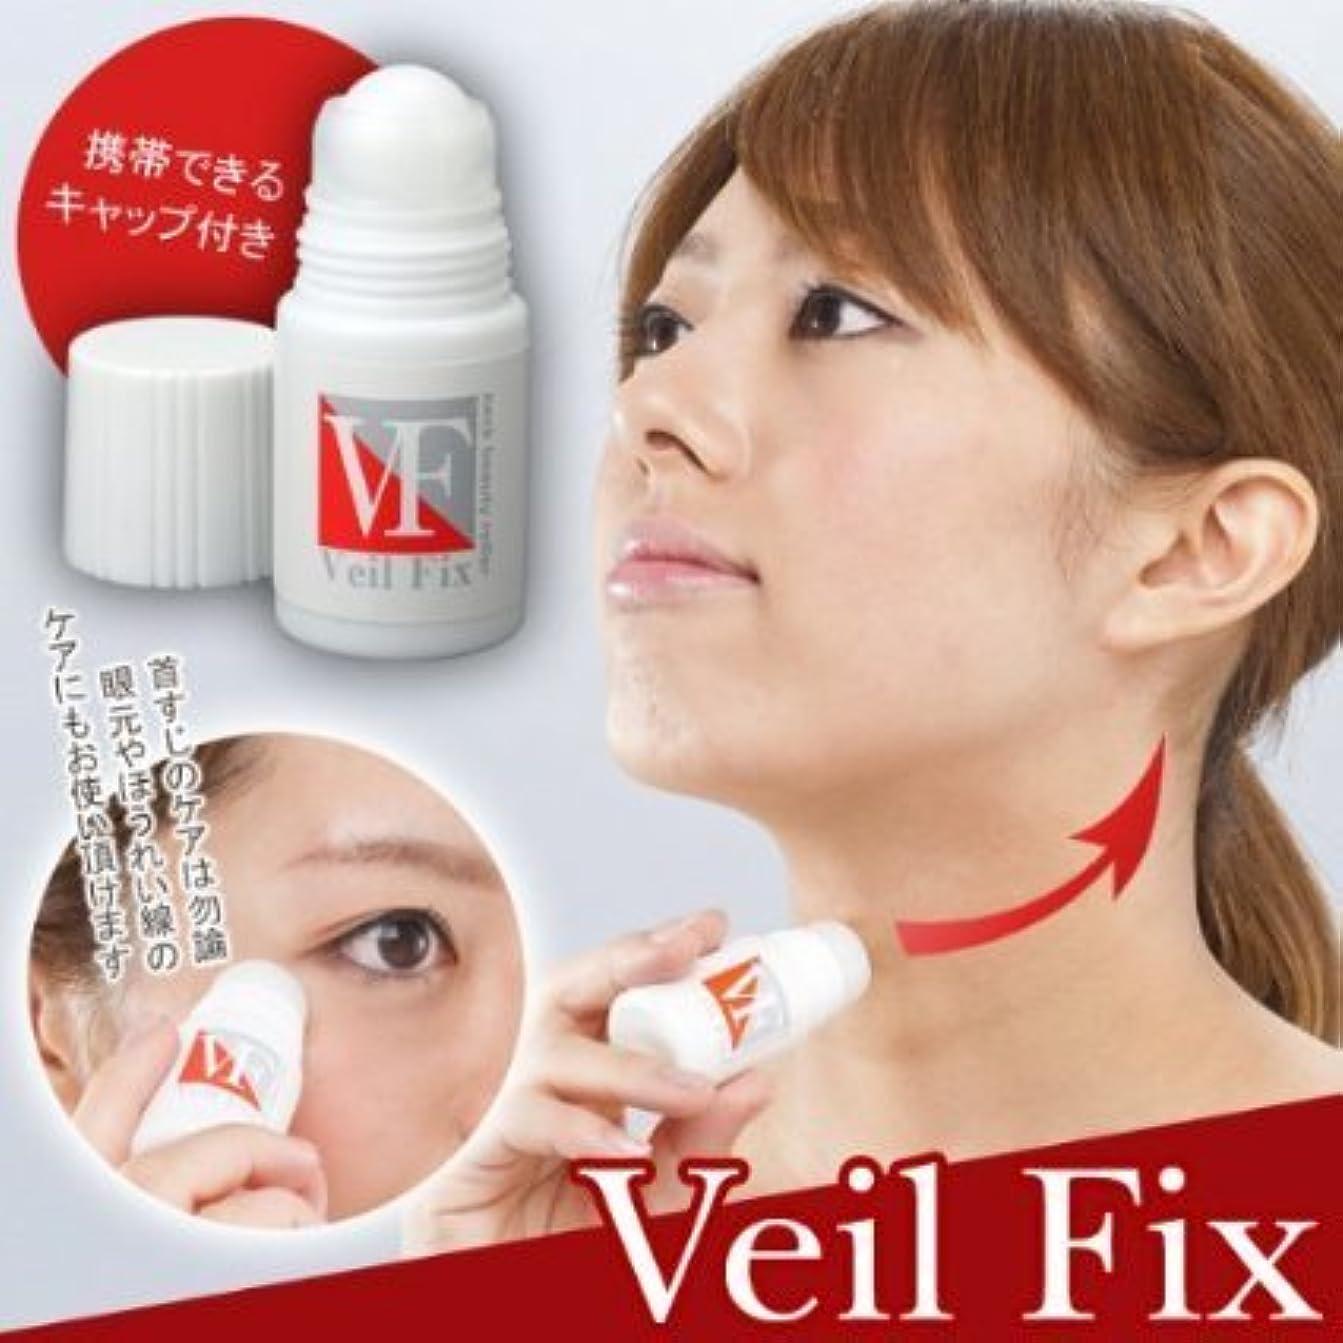 タイピストマトリックス疲労Veil Fix neck beauty roller(ヴェイル フィックス ネックビューティーローラー)VFエッセンス 20ml